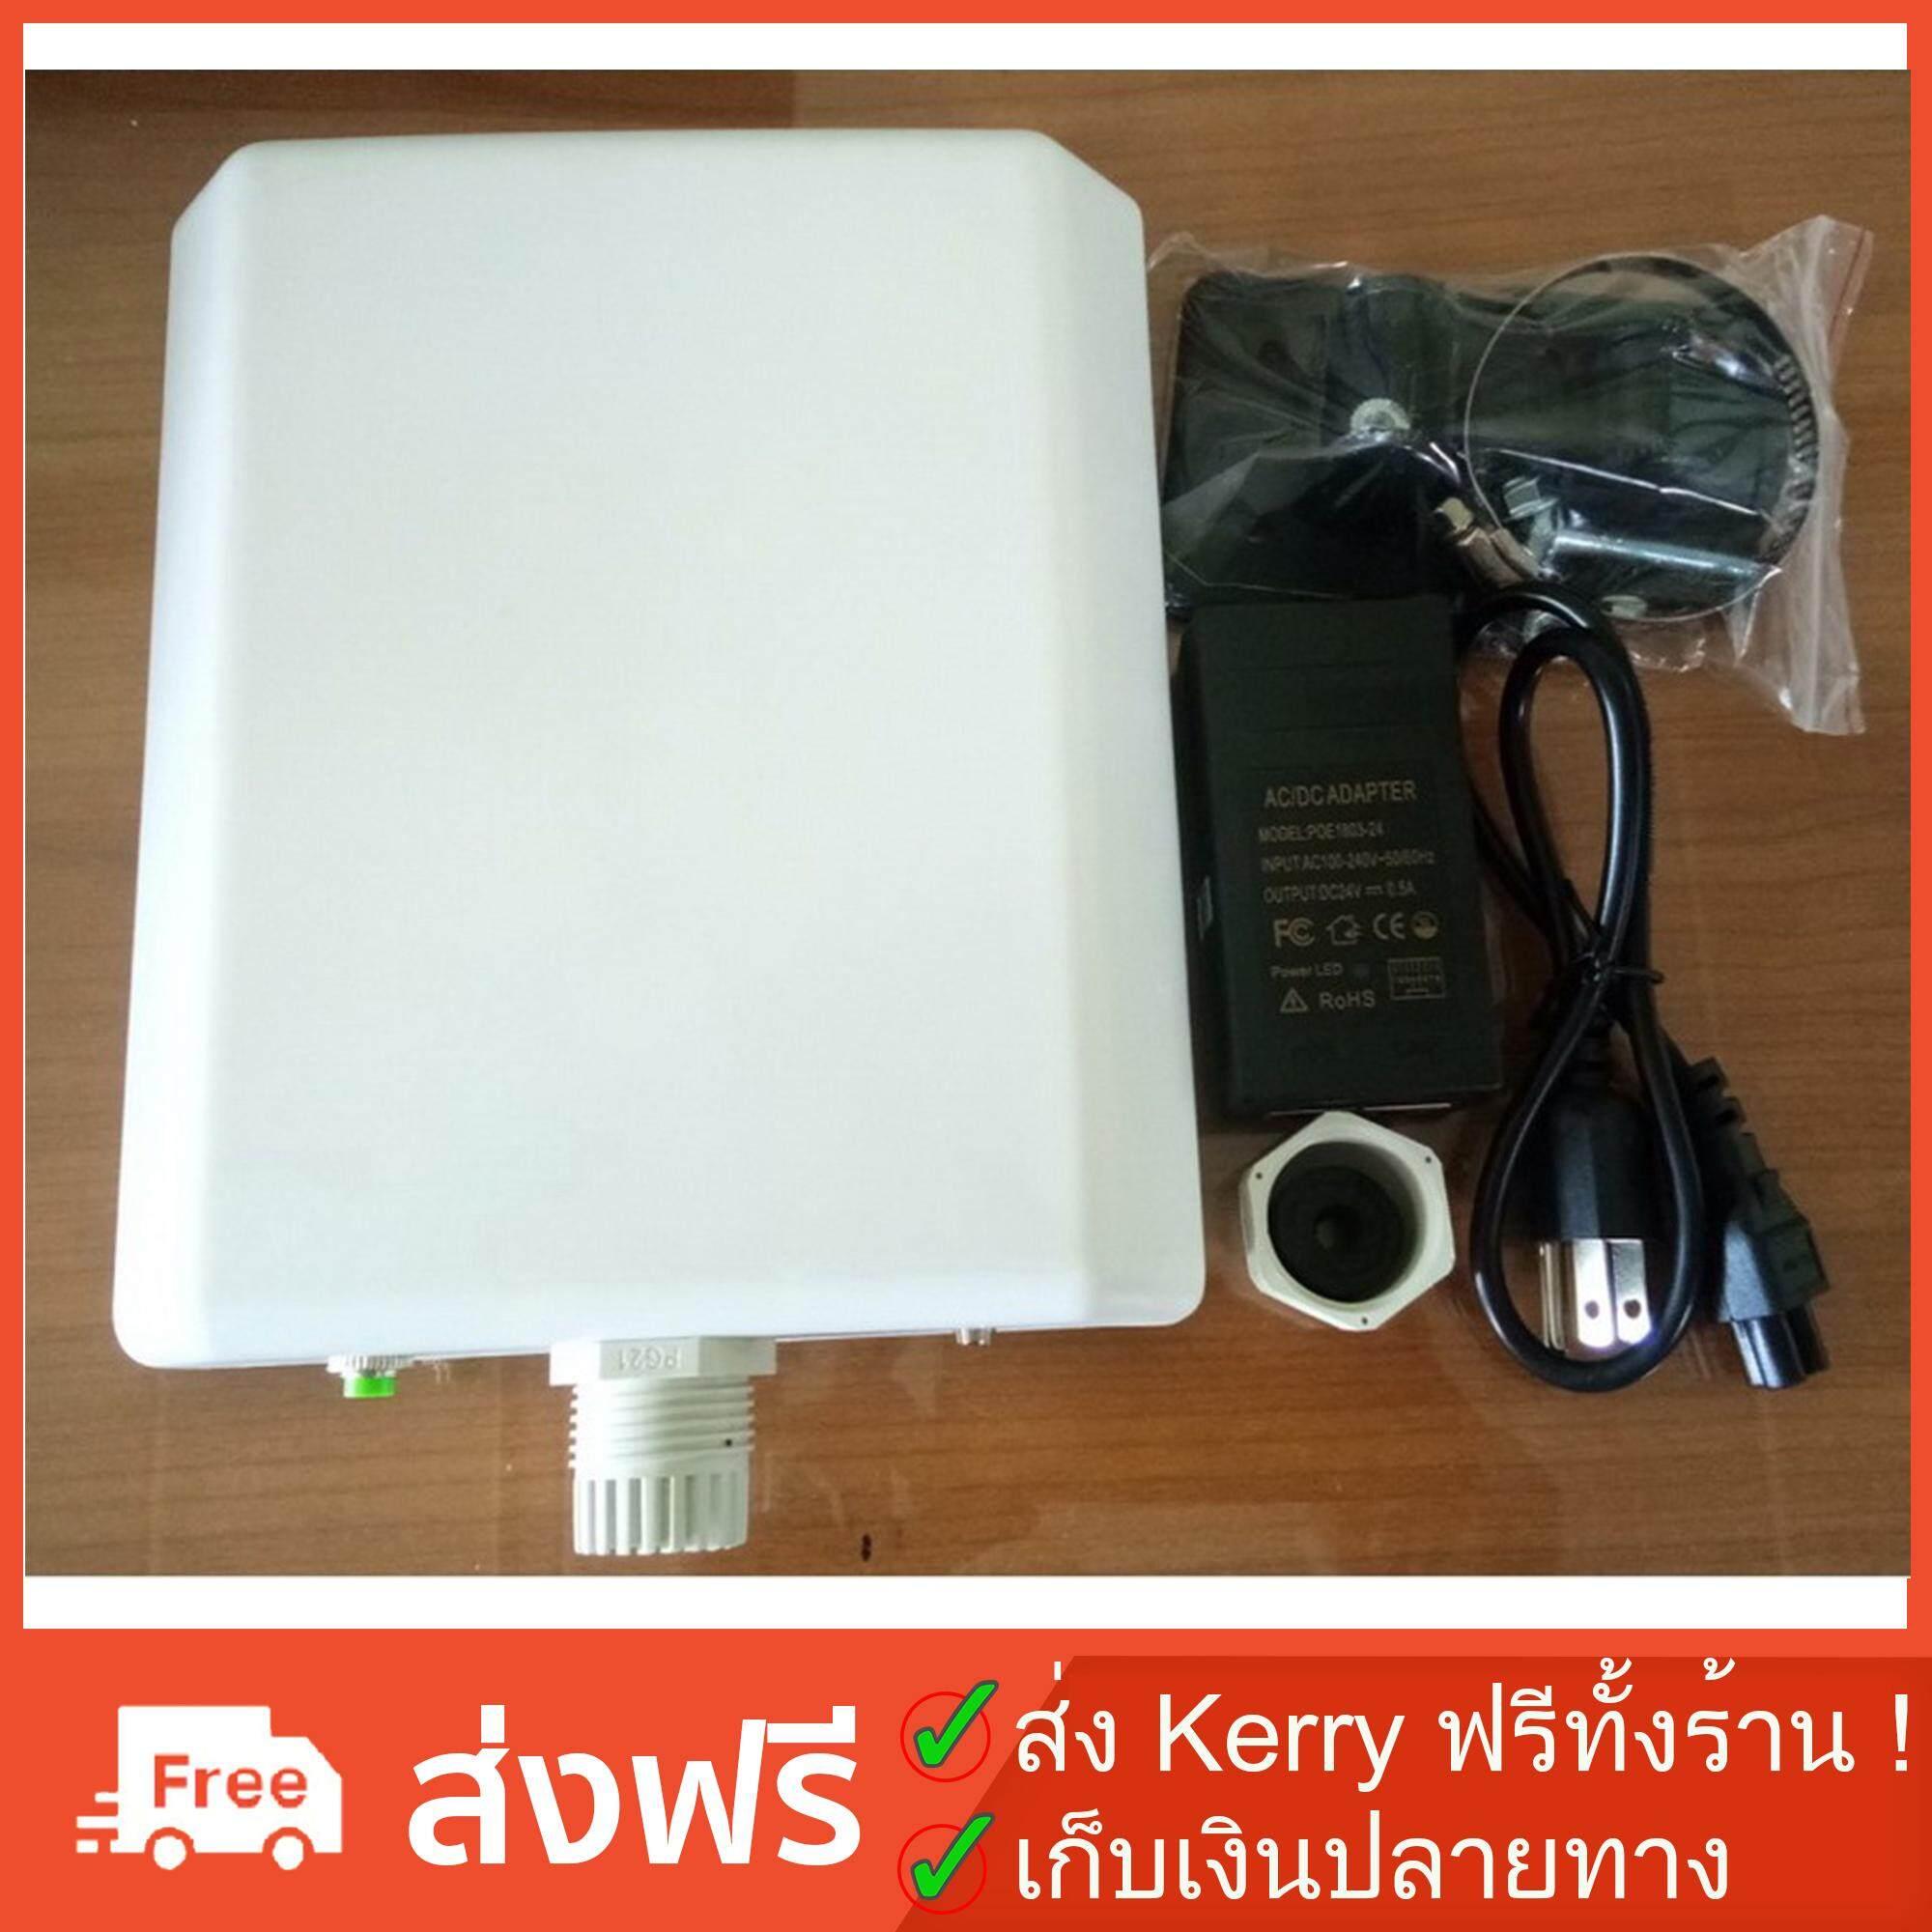 สุดยอดสินค้า!! ส่ง Kerry ฟรีทั้งร้าน !!  CPE-NSM2-24V-1Y : CPE UBNT จีน Fw. NanoStation M2/2.4Ghz / AirMax / PoE 24V   ประกัน 1 ปี